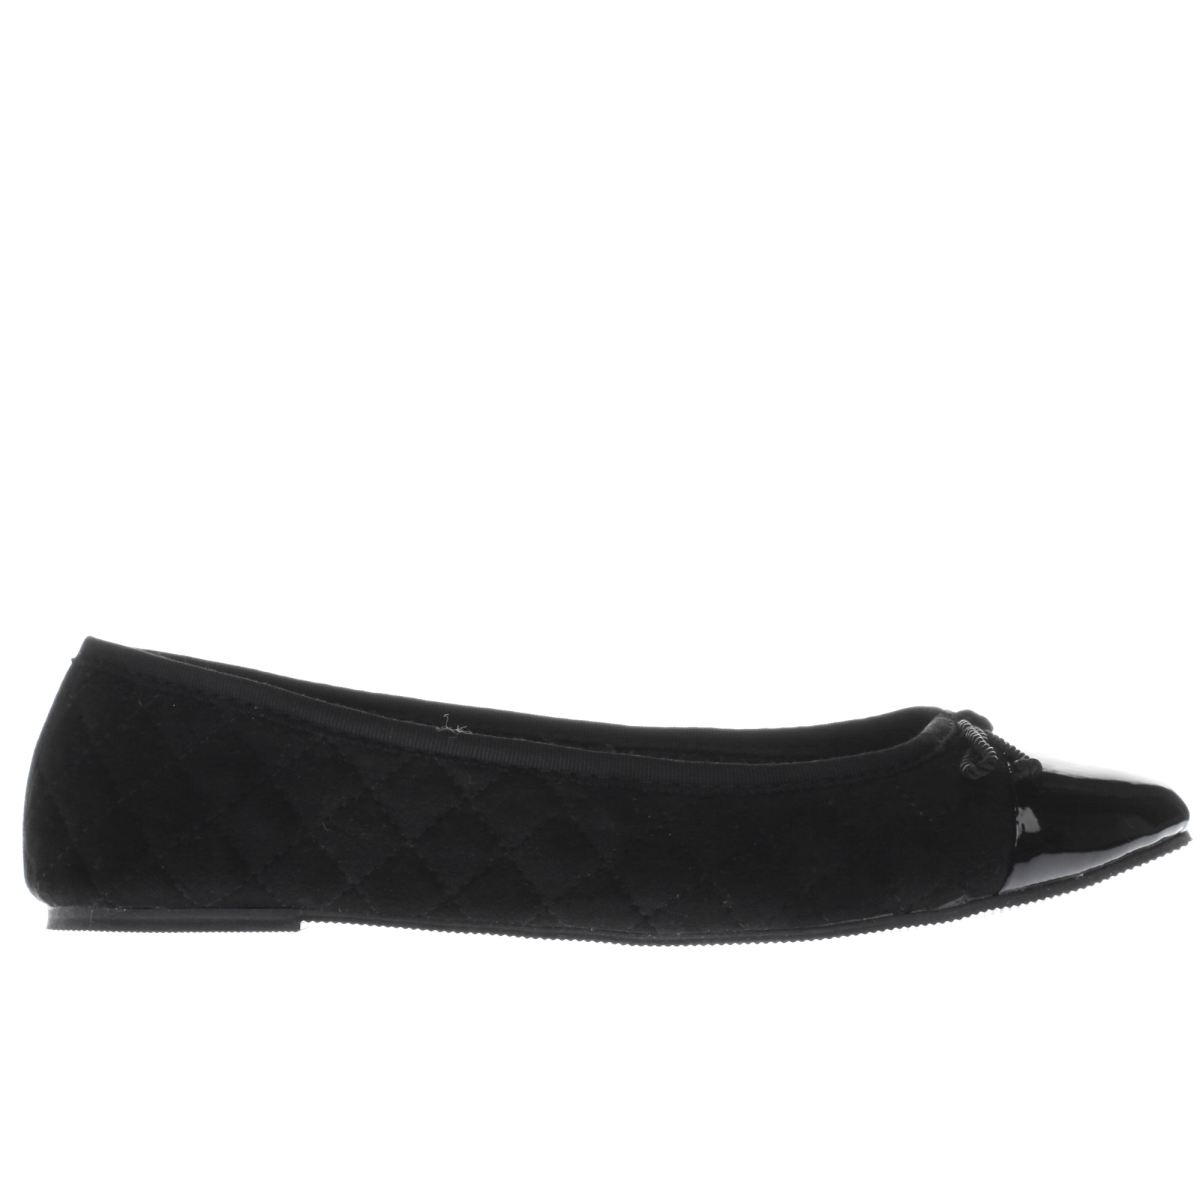 schuh black tutu flat shoes